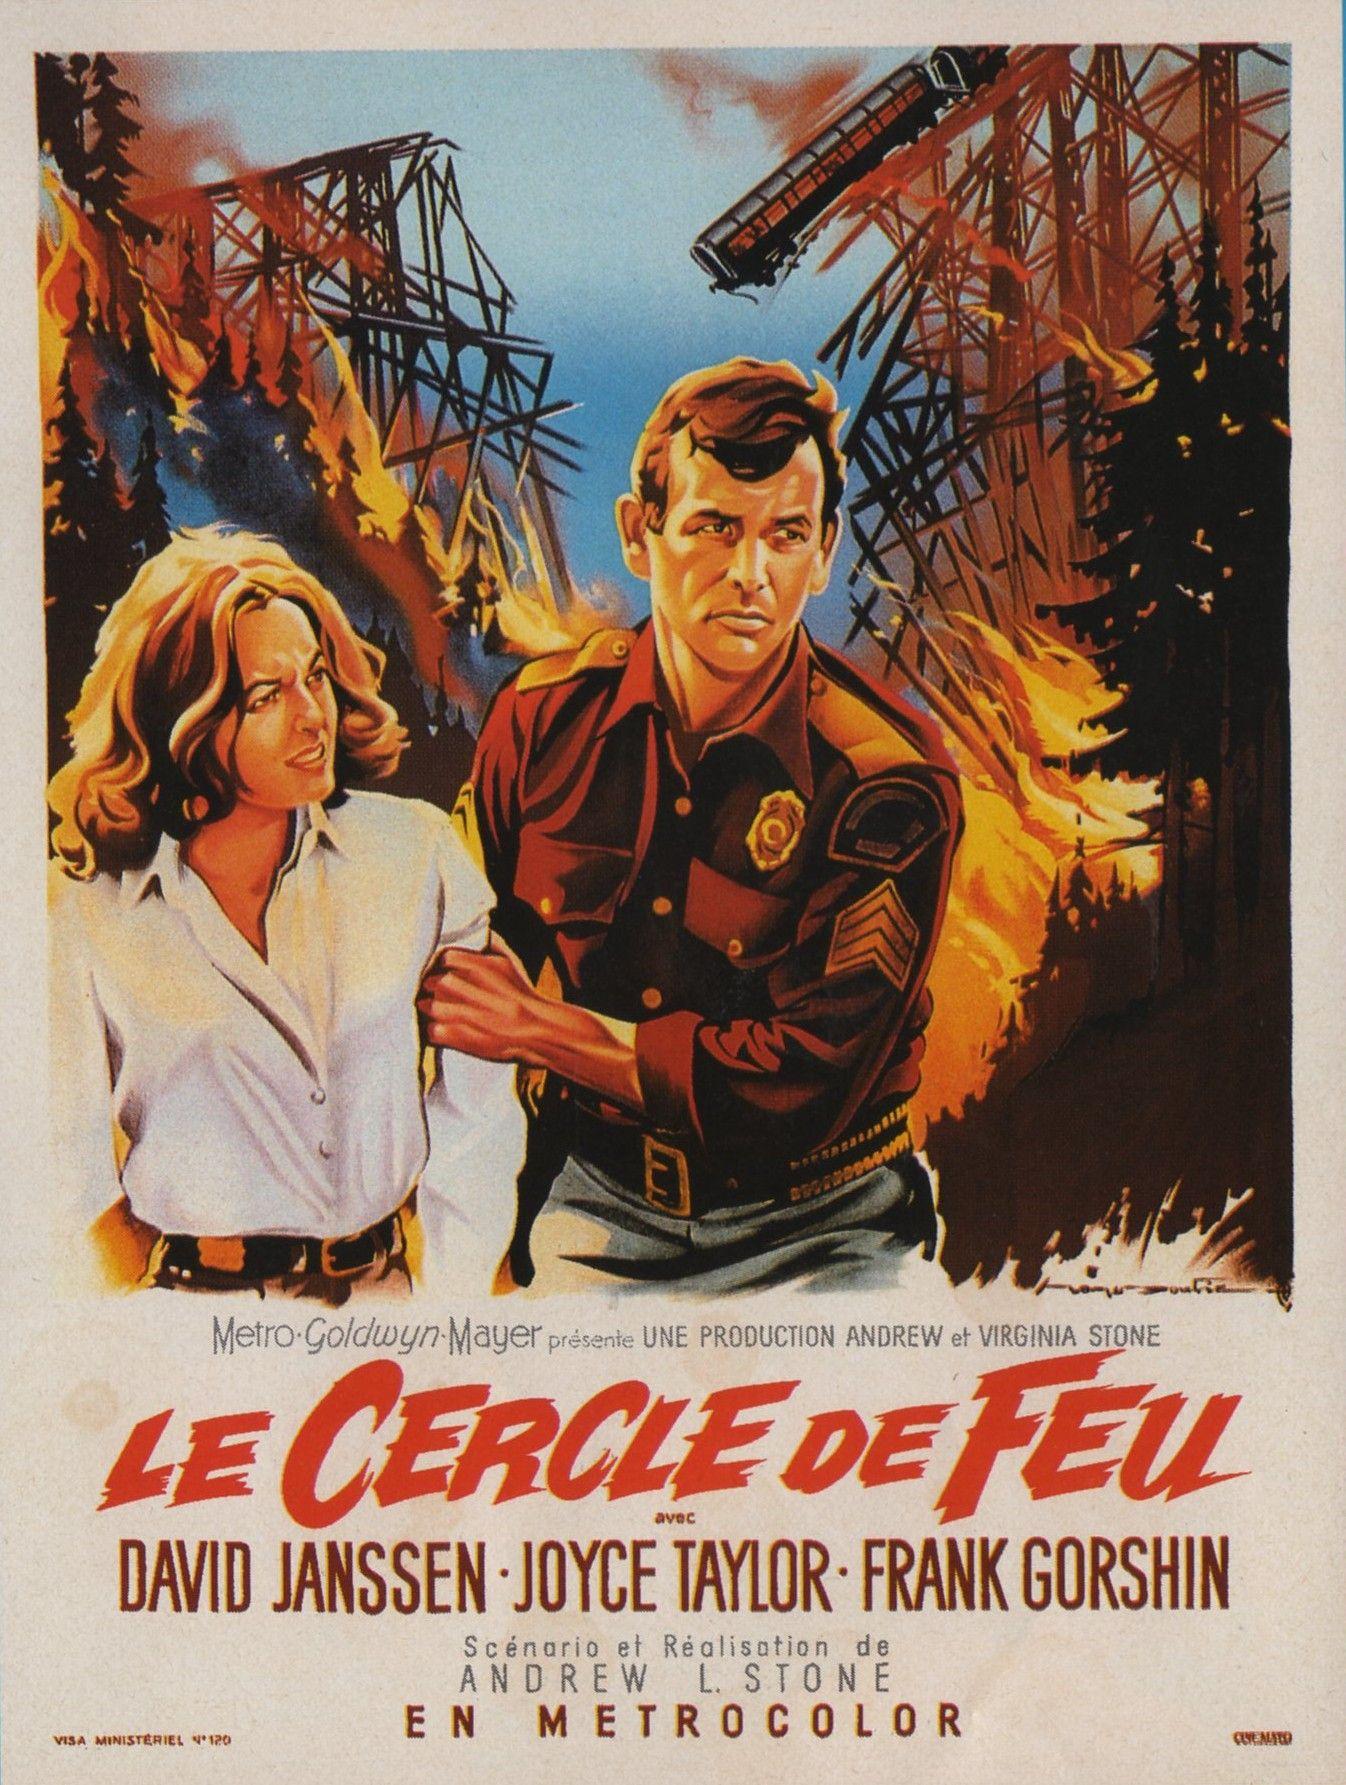 Roger Soubie Affichistes Cerco De Fuego Ring Of Fire 1961 Afiche De Pelicula Afiches Cine